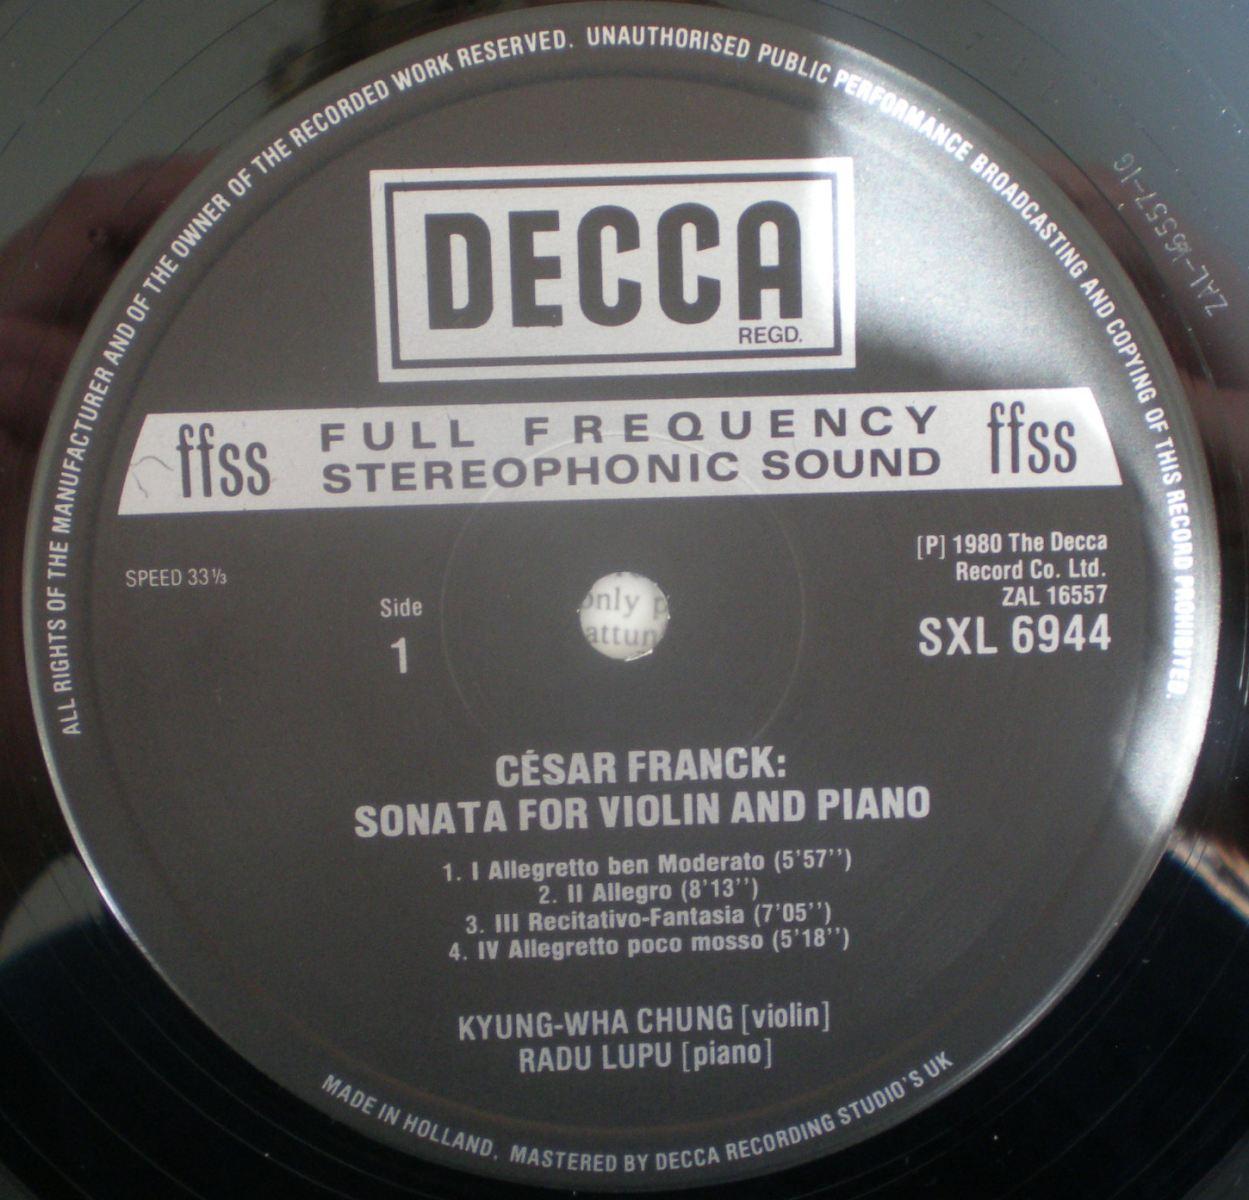 Decca Decca Records | Decca Label | The Decca Record Label